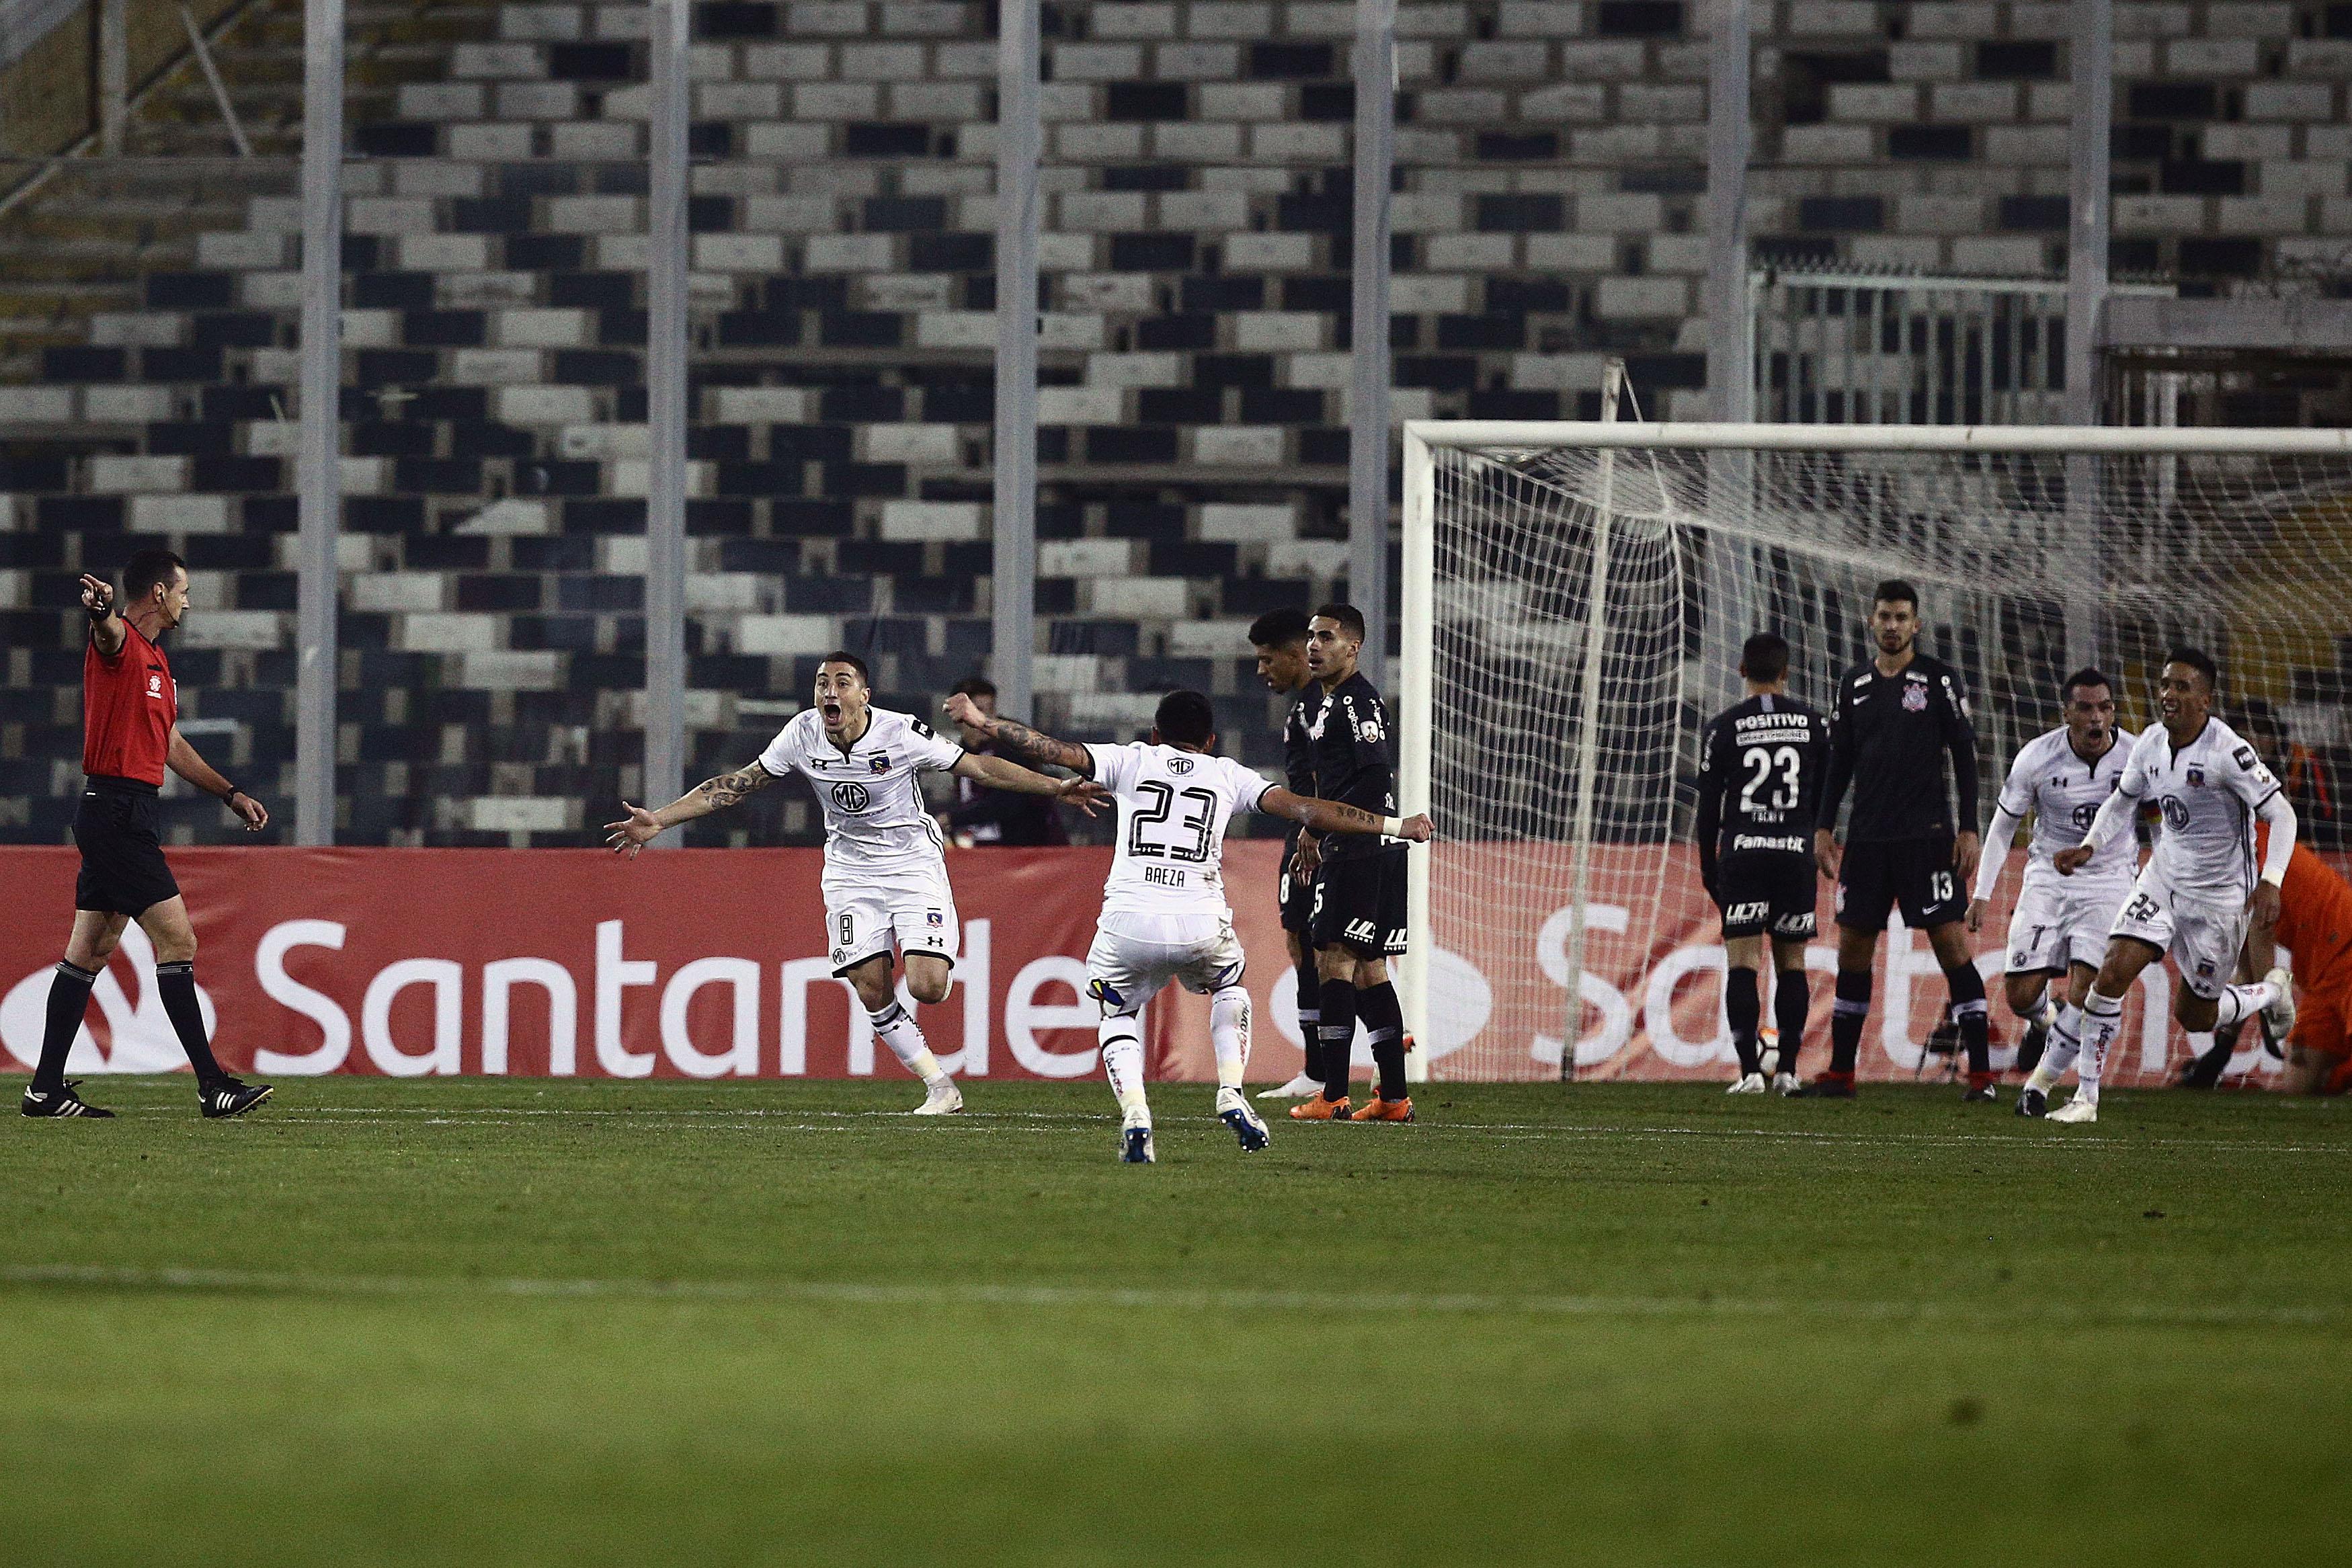 Gol de Carmona en la ida | Claudio Reyes | Agence France Press